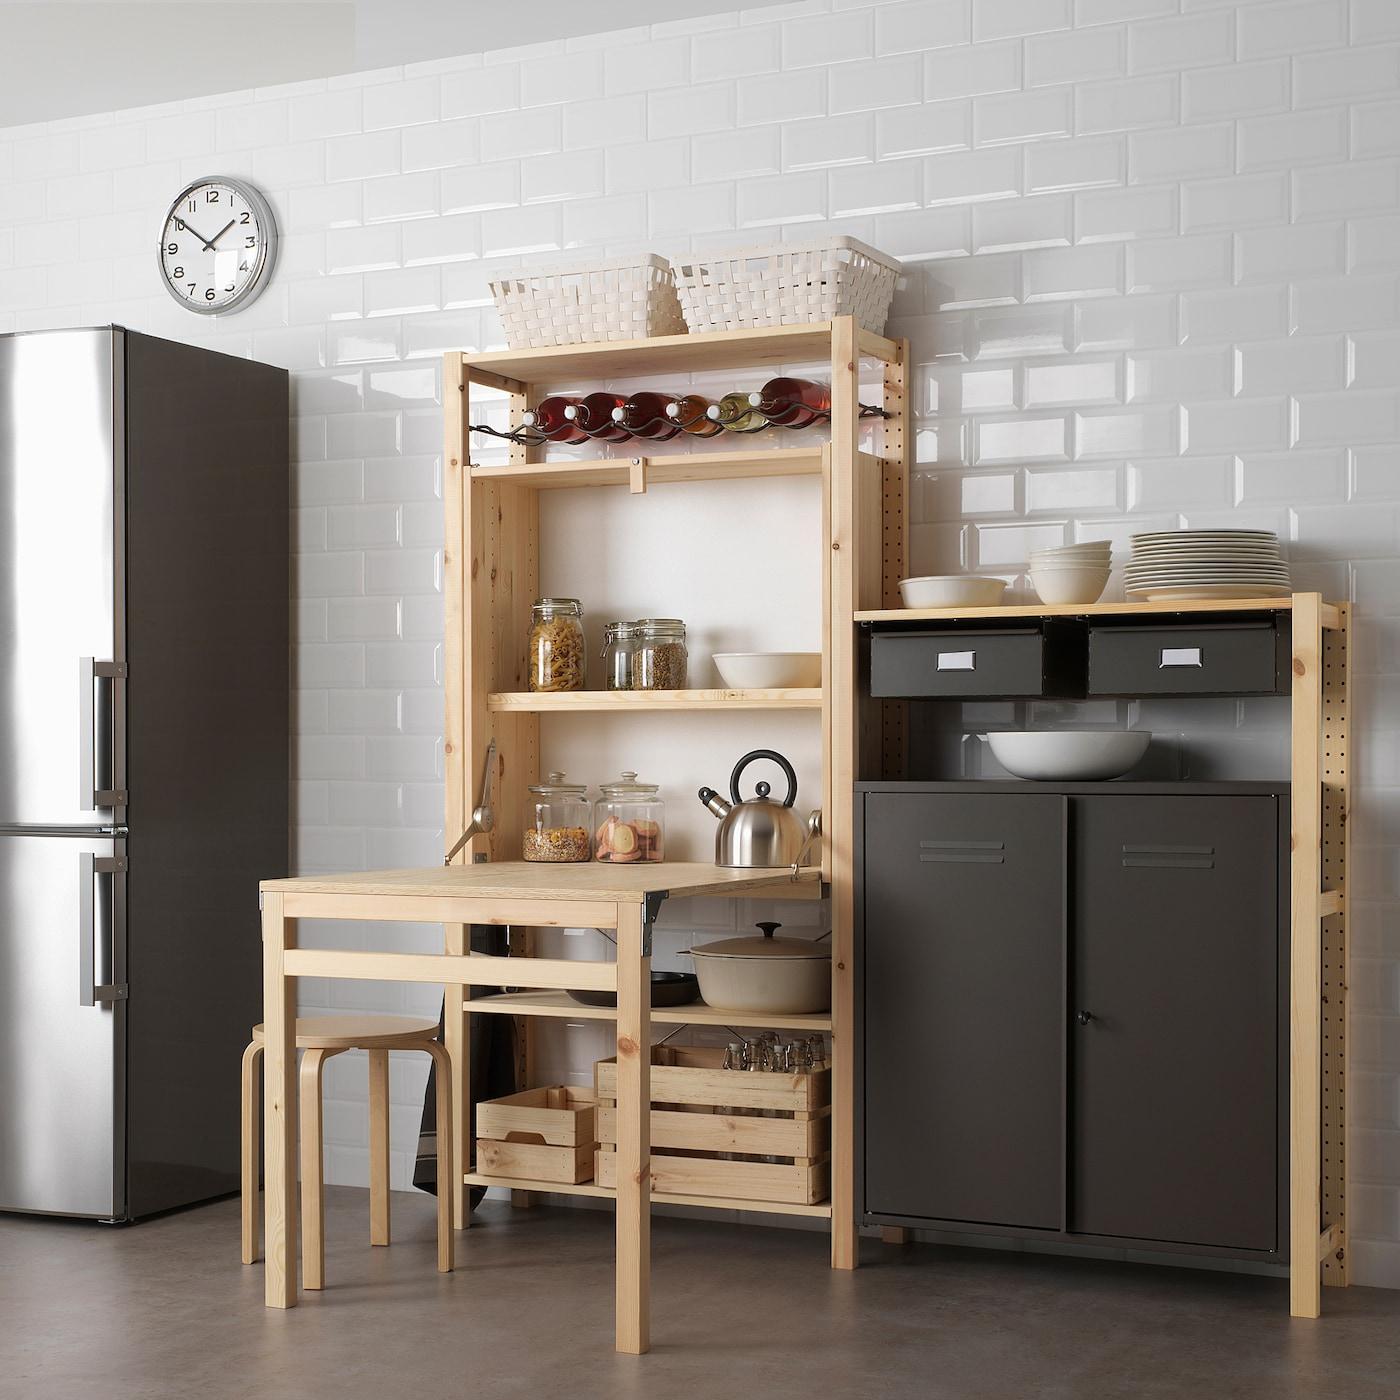 Ivar Rangement Avec Table Pliante - Pin 80X30-104X155 Cm encequiconcerne Table Salle A Manger Pliante Ikea